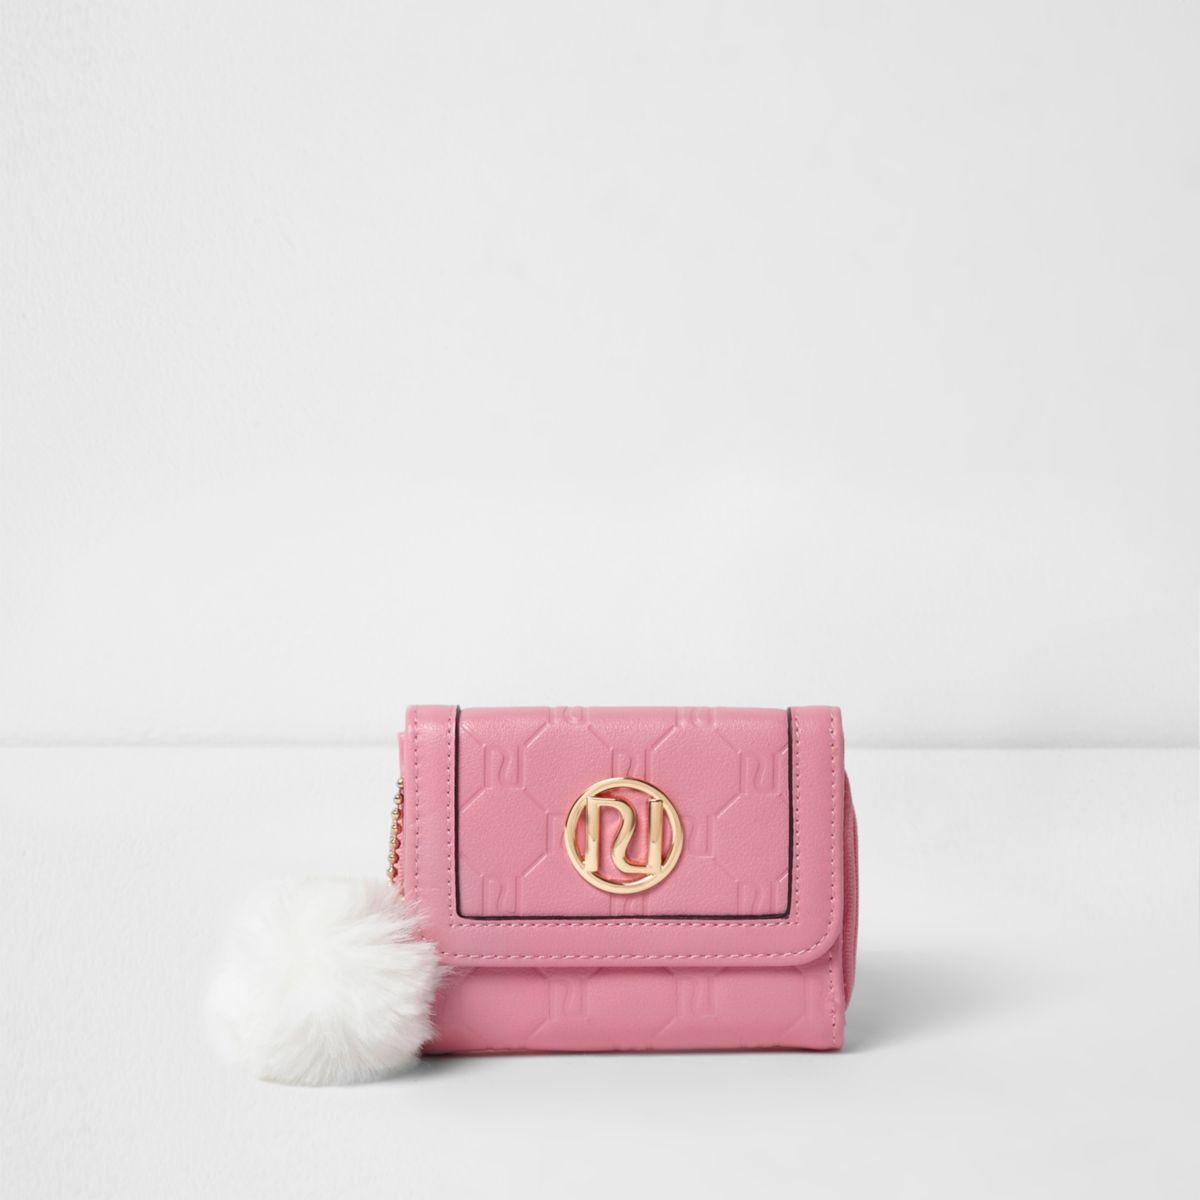 Porte-monnaie rose à deux petits rabats et logo RI en relief pour fille